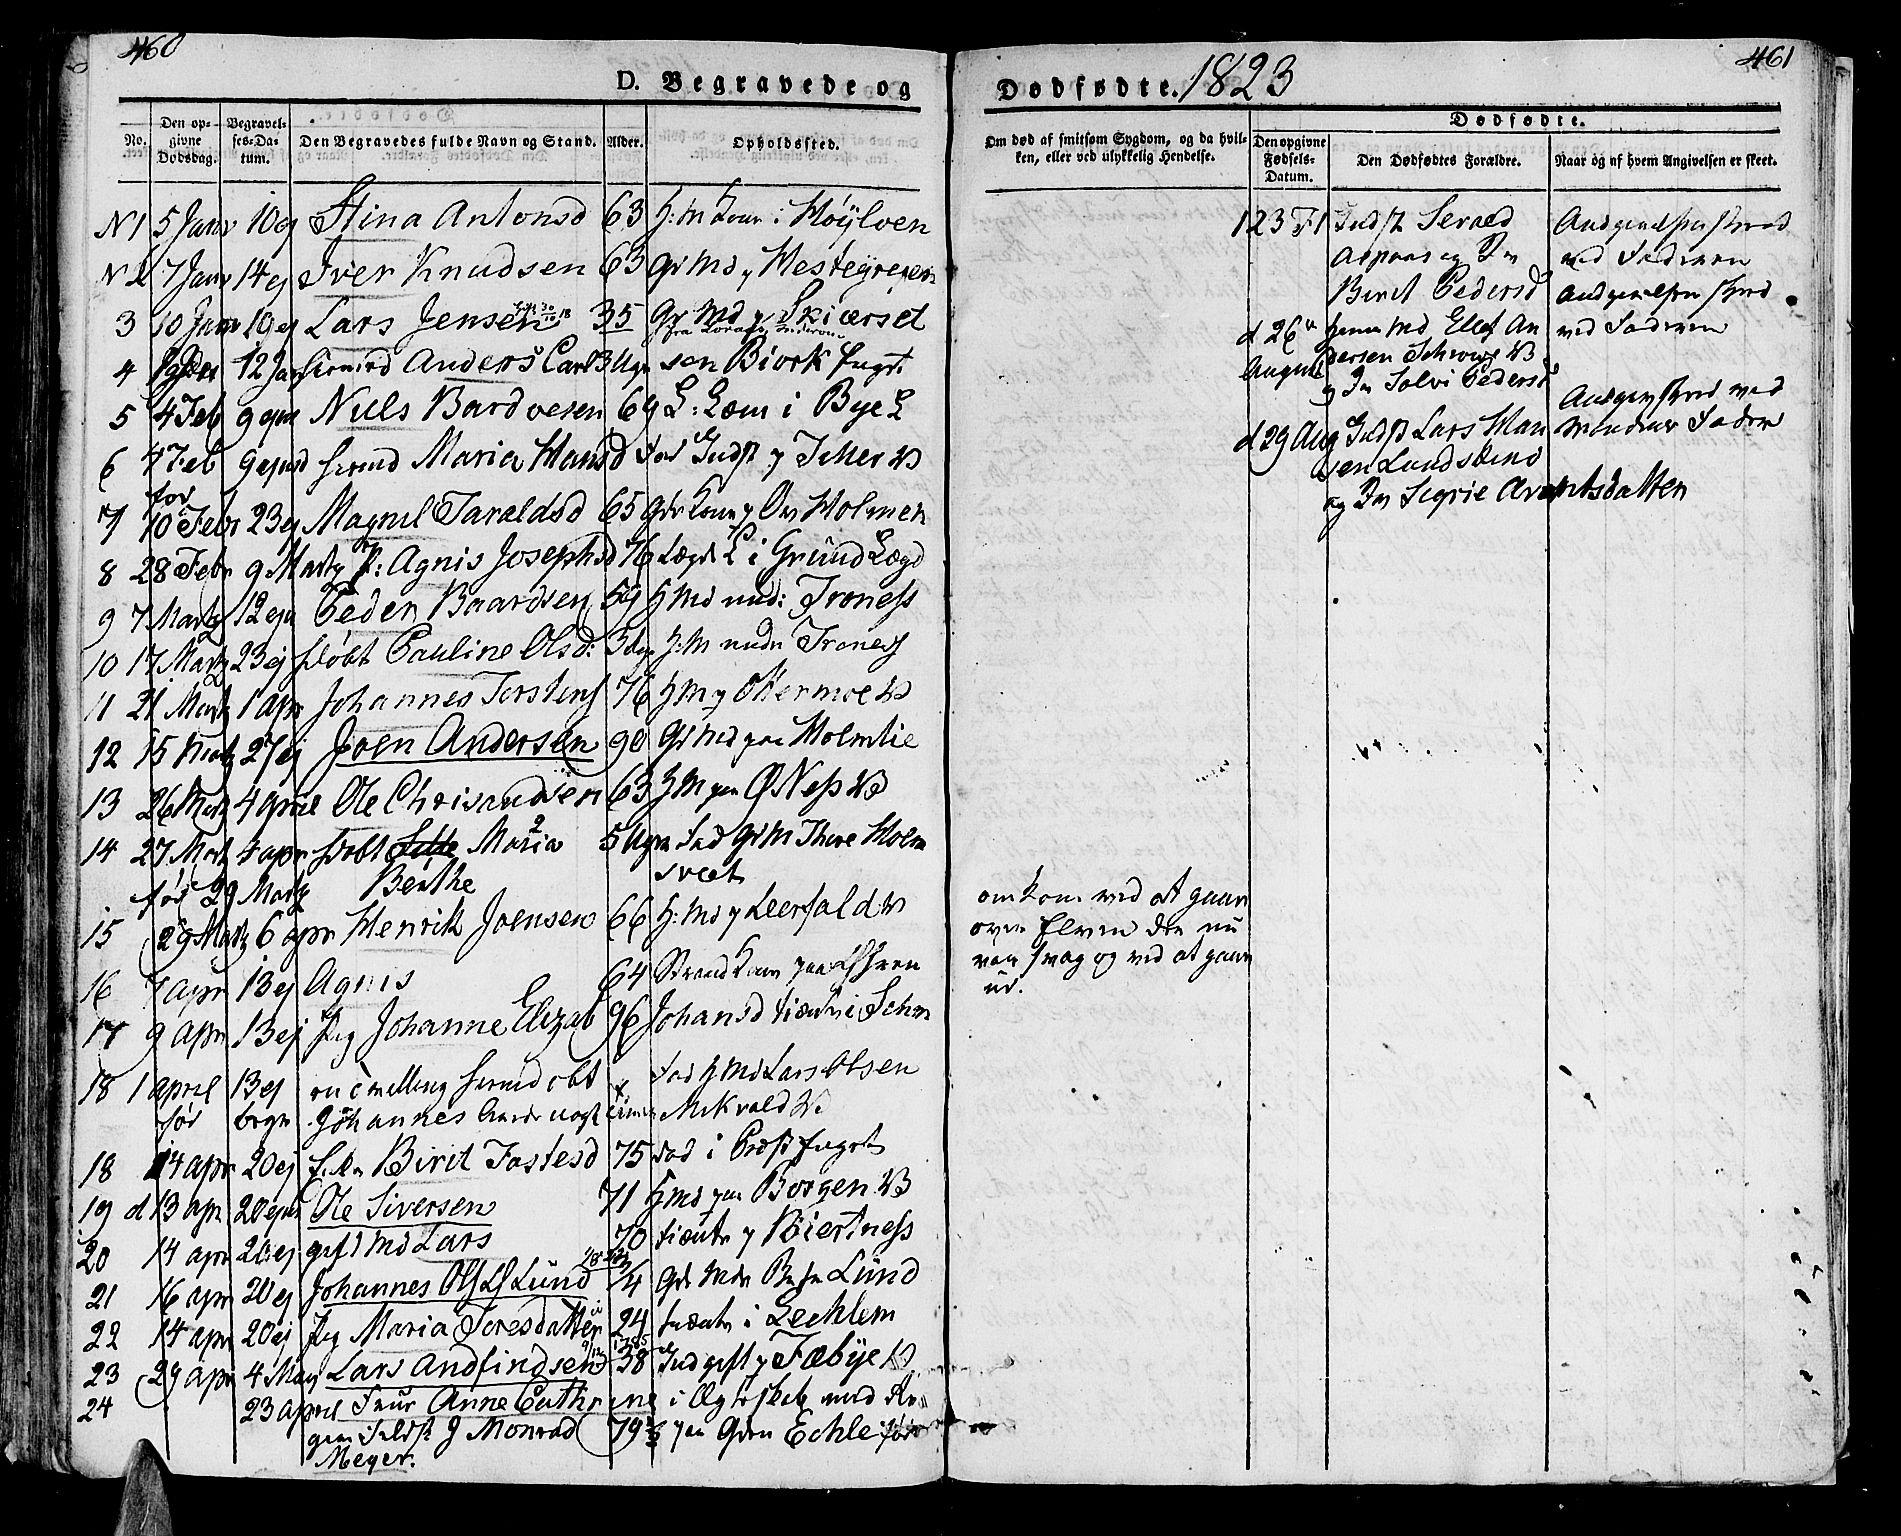 SAT, Ministerialprotokoller, klokkerbøker og fødselsregistre - Nord-Trøndelag, 723/L0237: Ministerialbok nr. 723A06, 1822-1830, s. 460-461